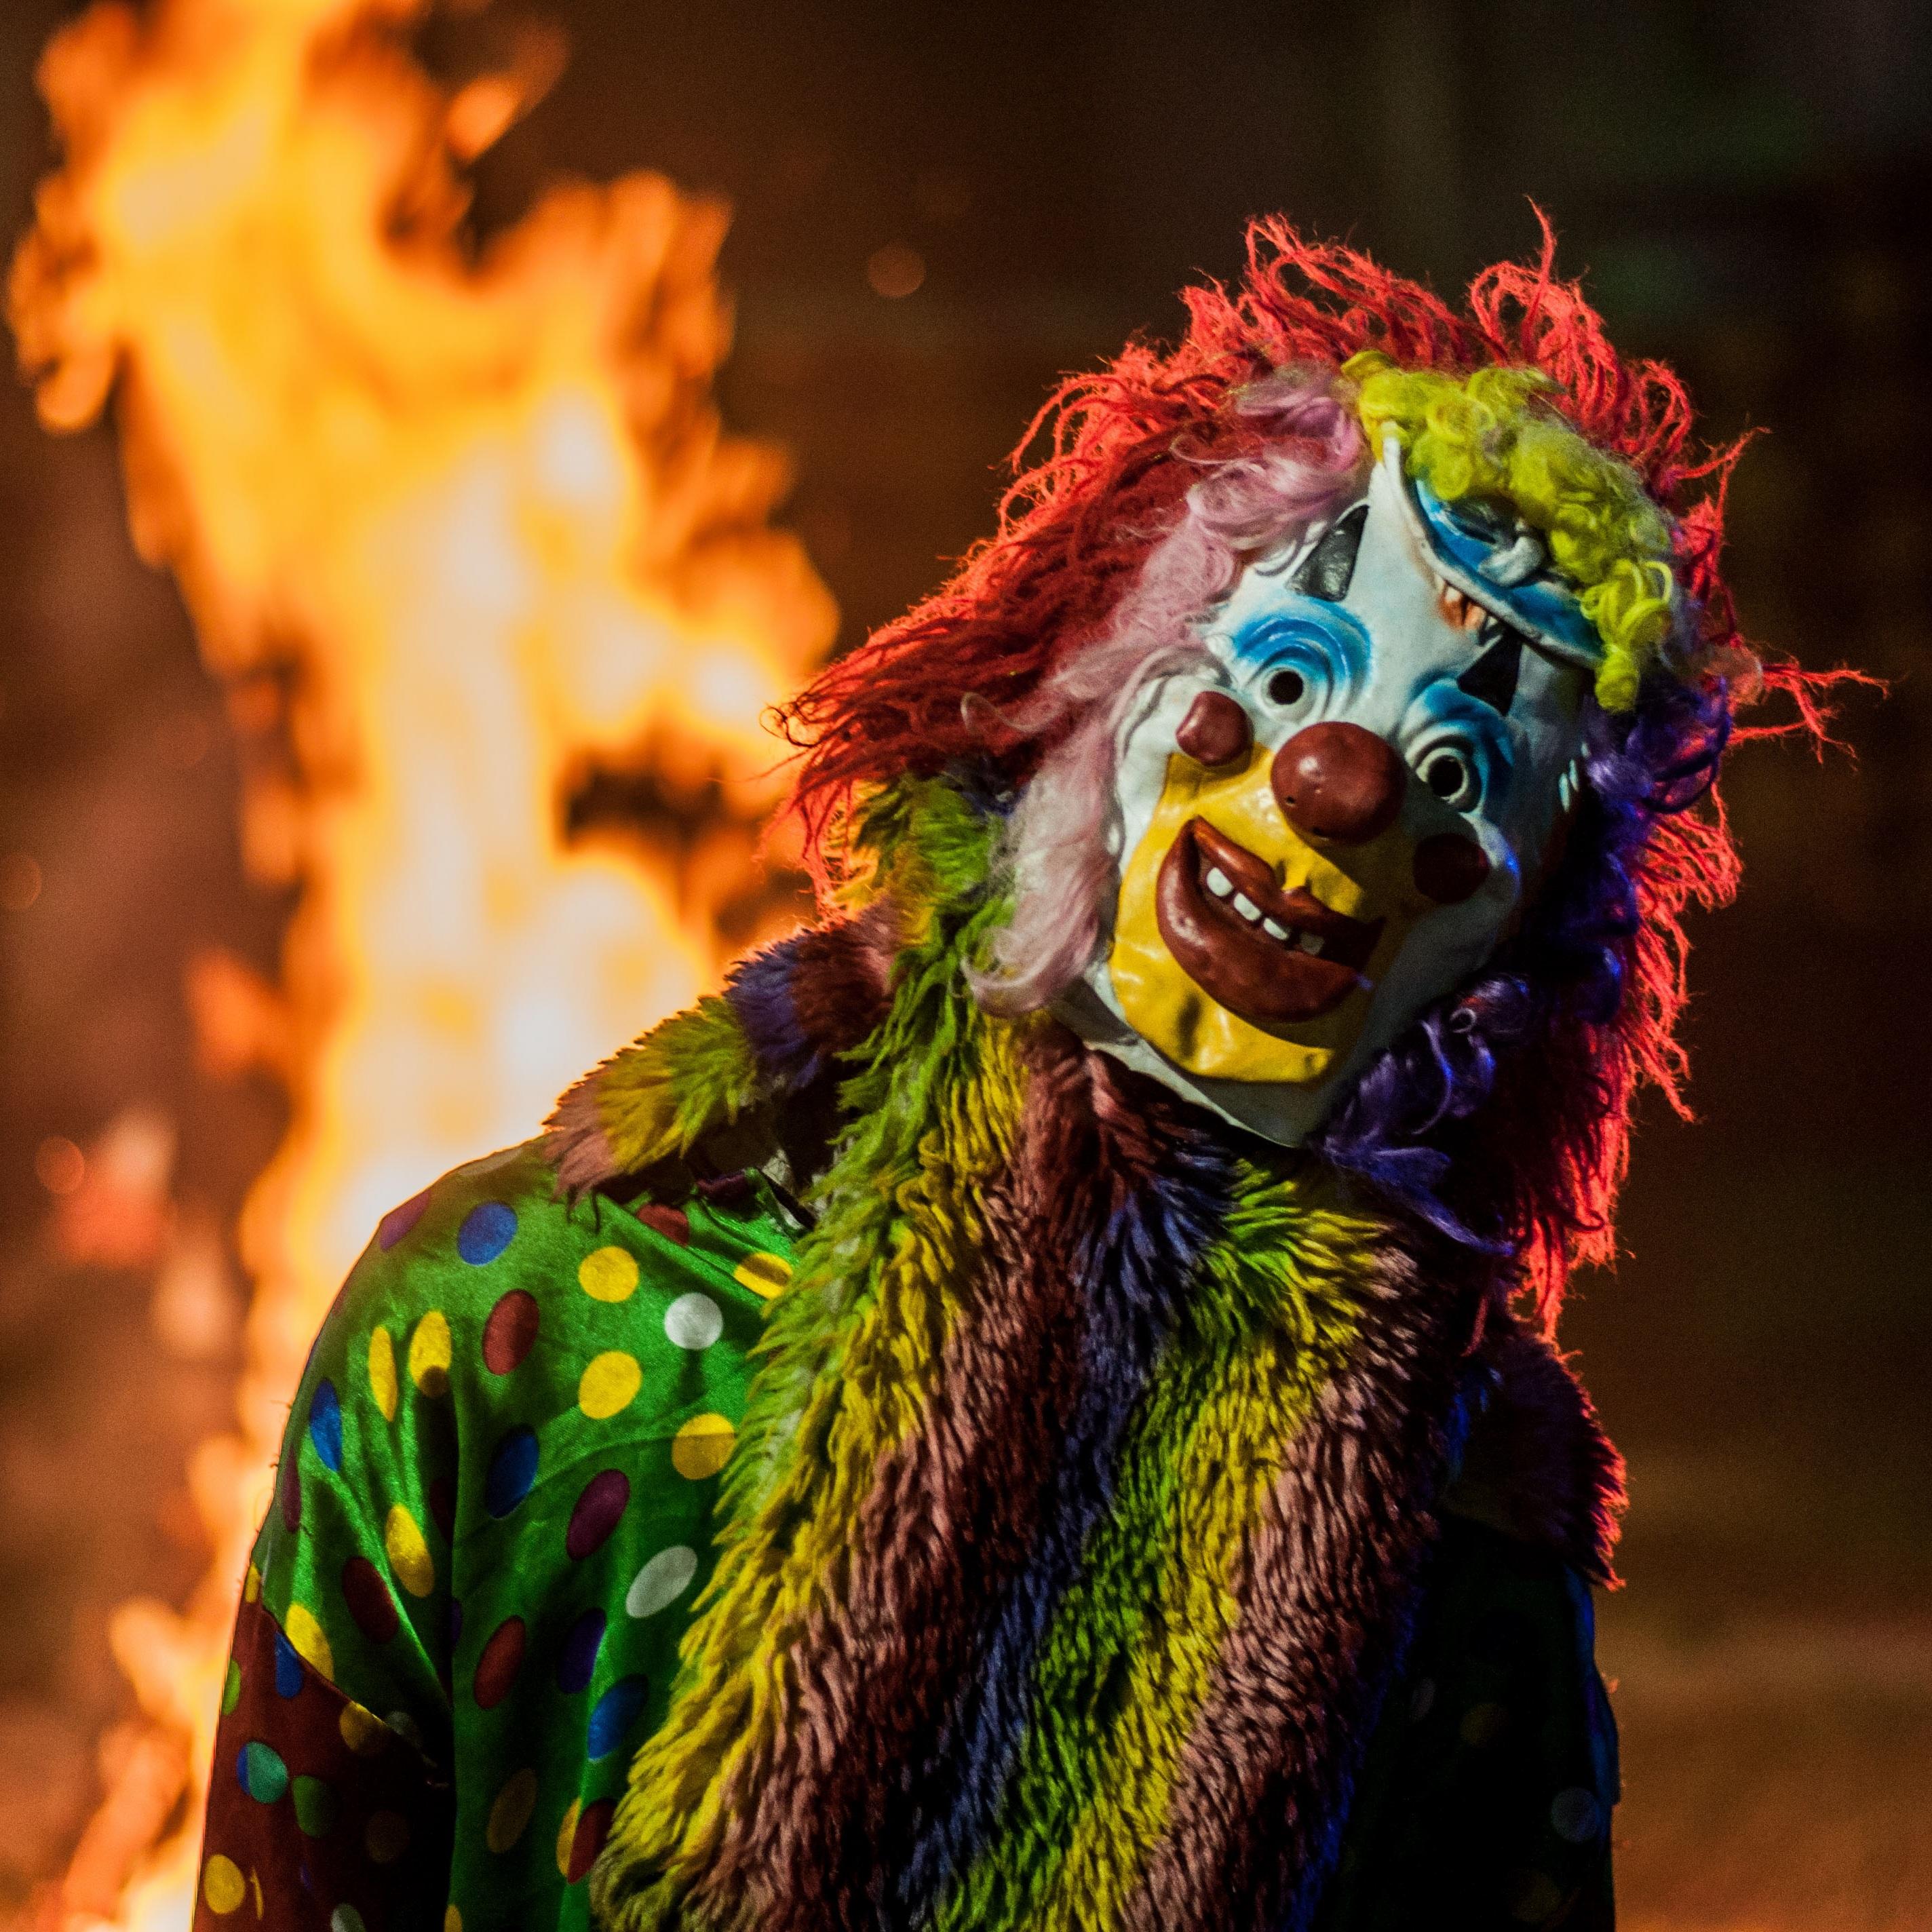 Gambar Orang Orang Perjalanan Karnaval Warna Api Warna Warni